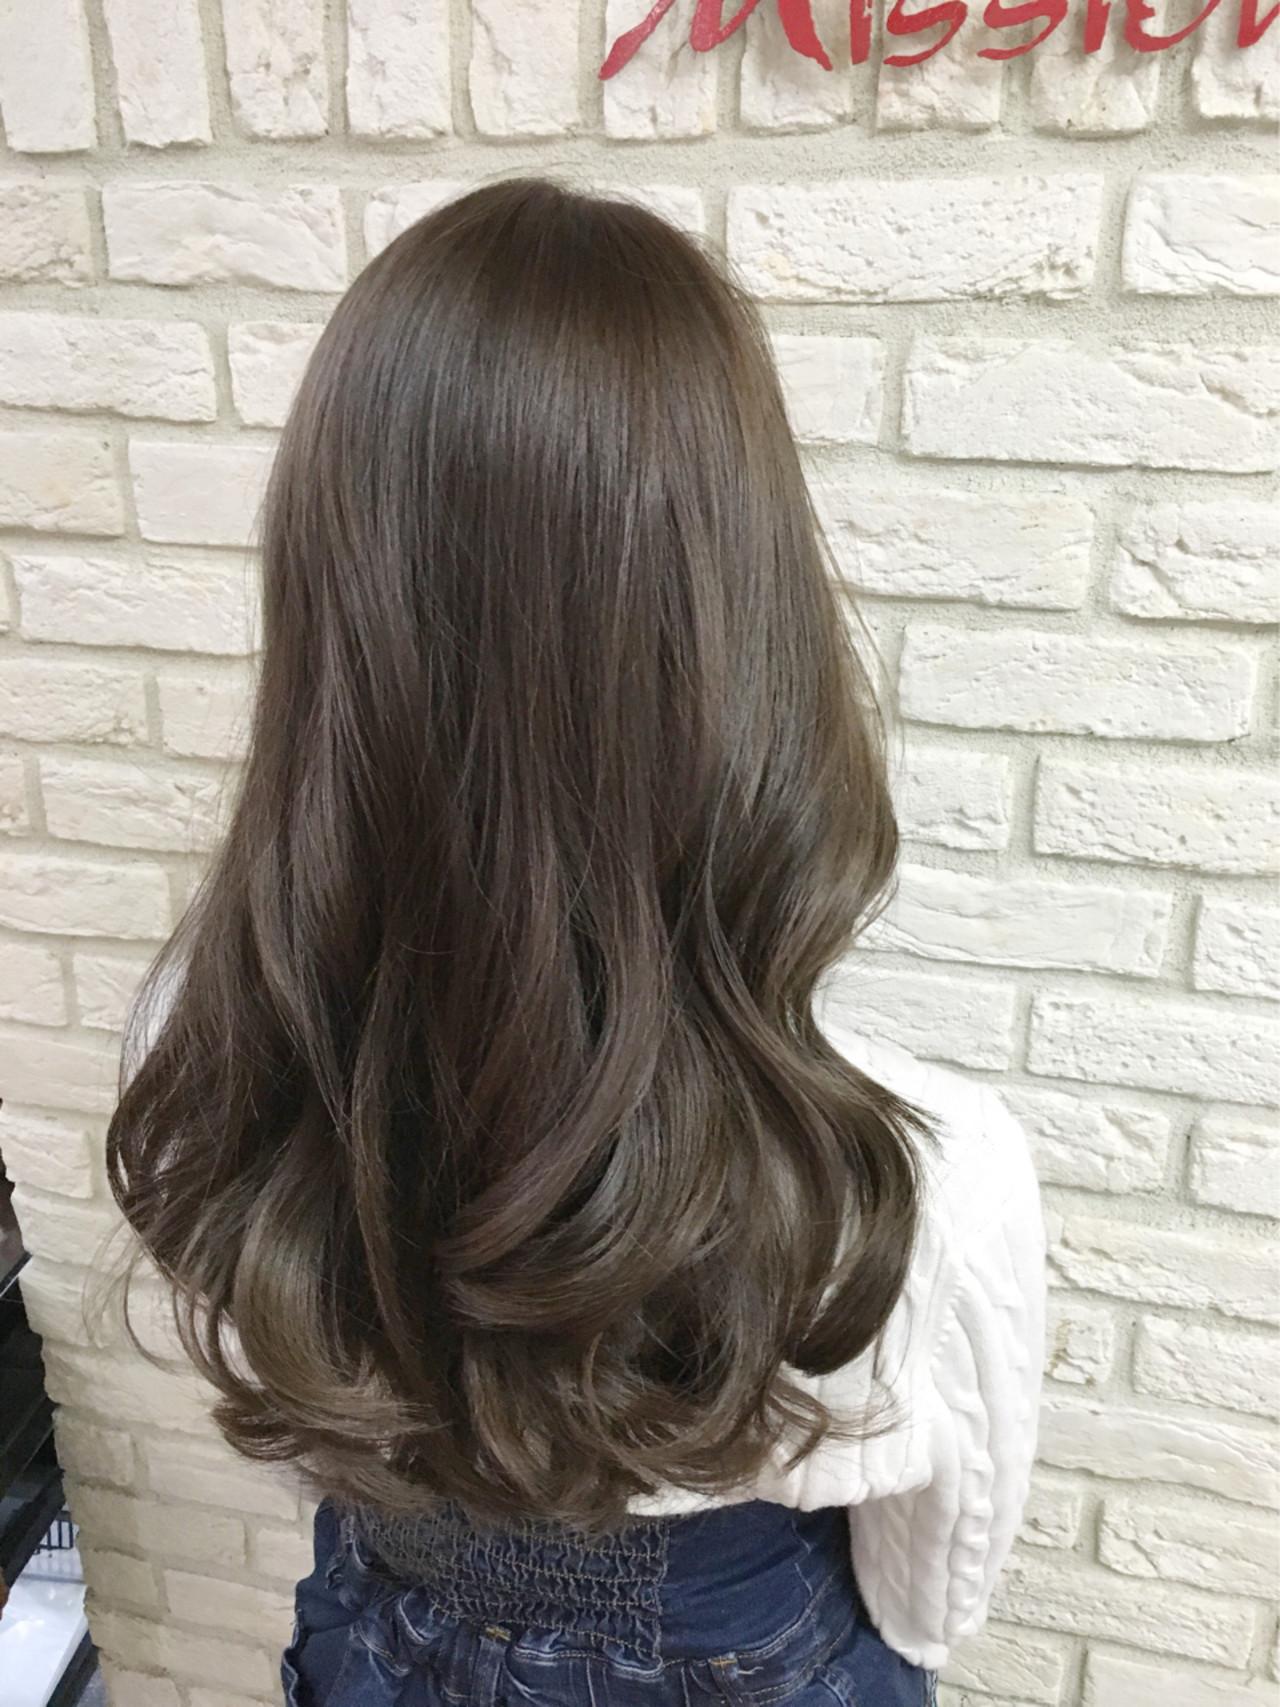 グレージュ 大人かわいい 外国人風 イルミナカラー ヘアスタイルや髪型の写真・画像